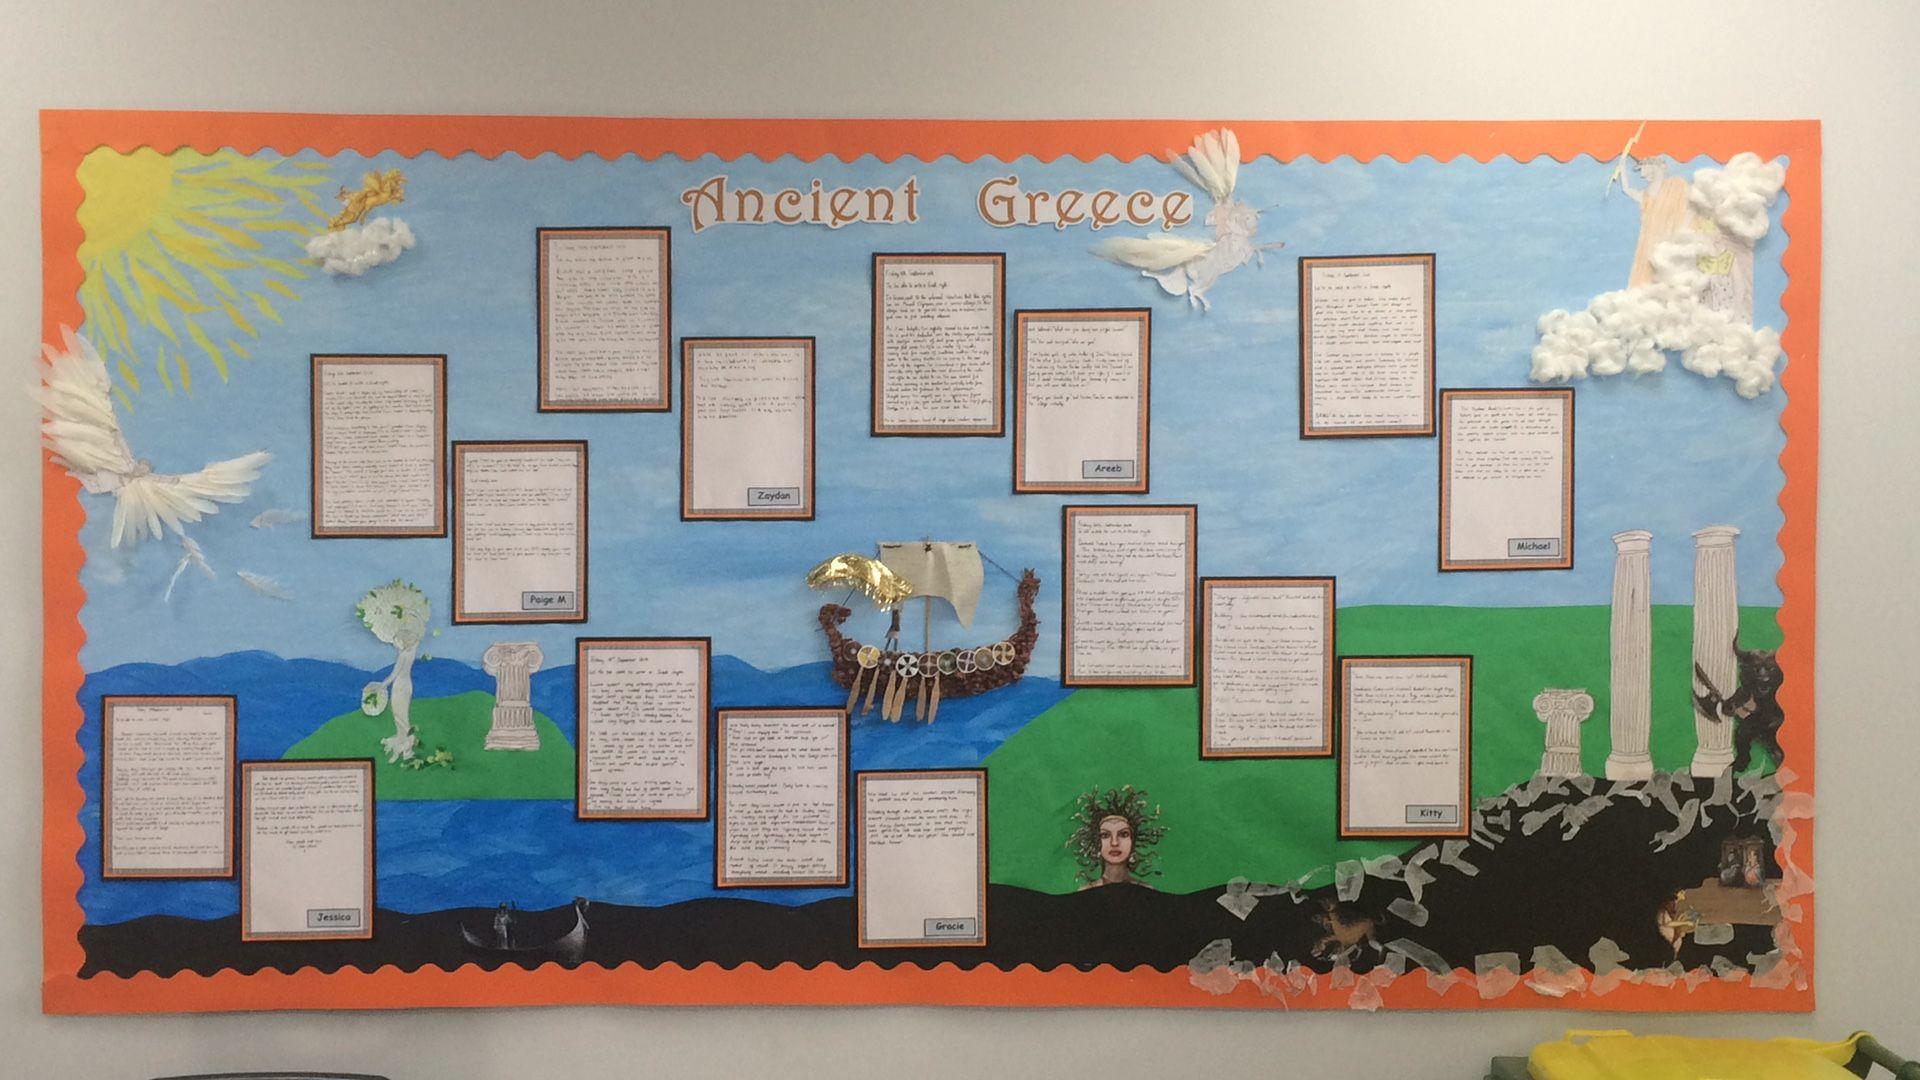 Ancientgreece Ancient Greece Primary School Display